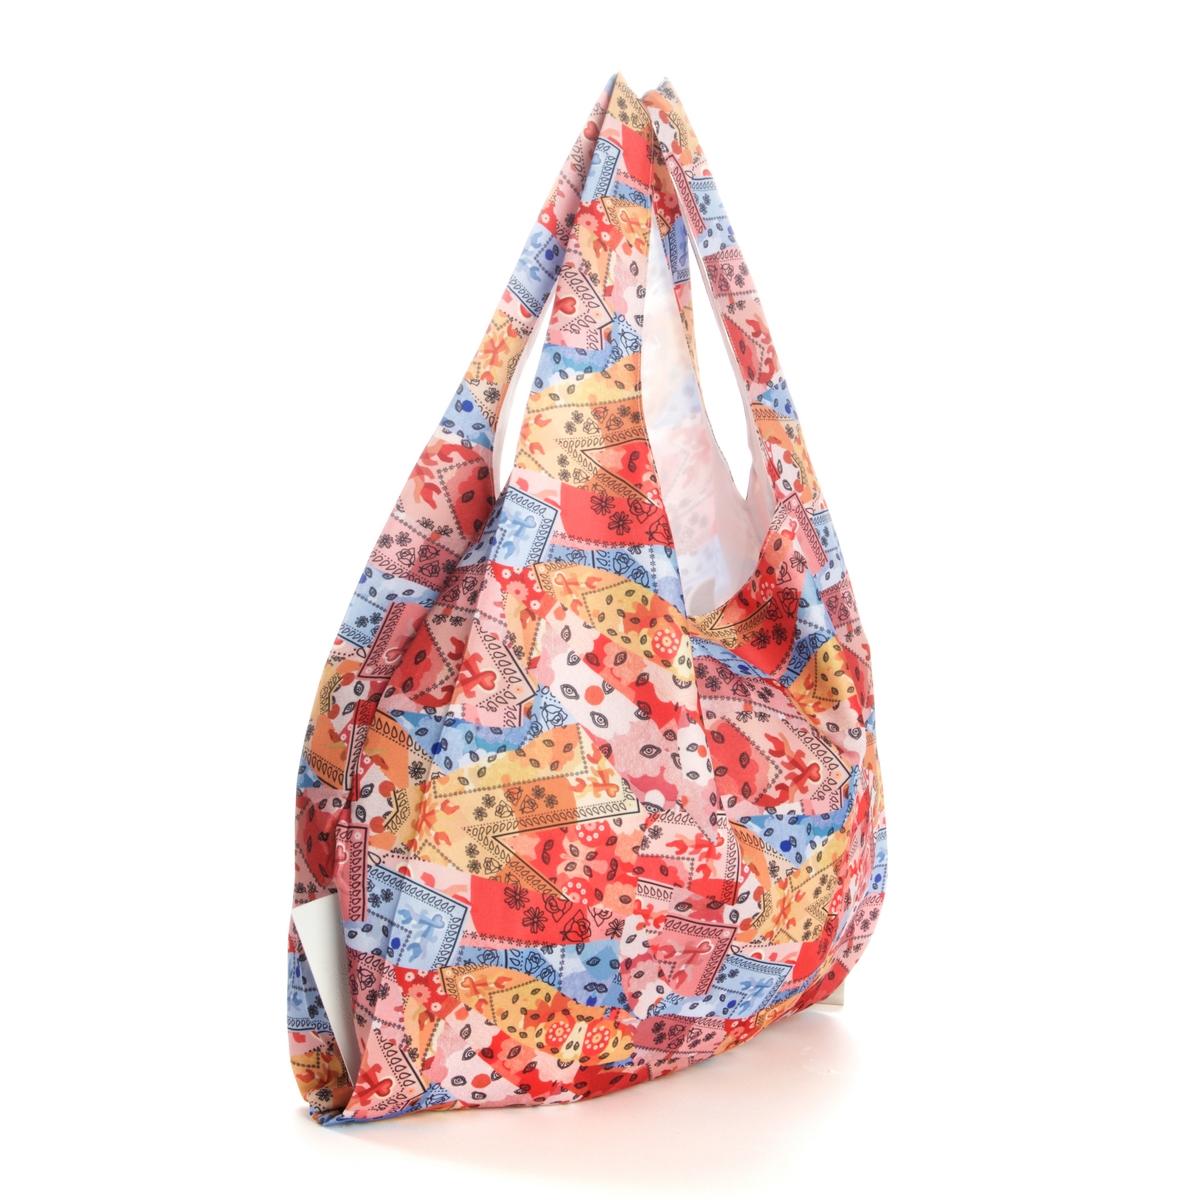 Сумка большая с цветочным рисункомБольшая сумка с рисунком       Верх : полиэстер       Подкладка : полиэстер     Размеры  : В.46 x Ш.47 см<br><br>Цвет: рисунок разноцветный<br>Размер: единый размер